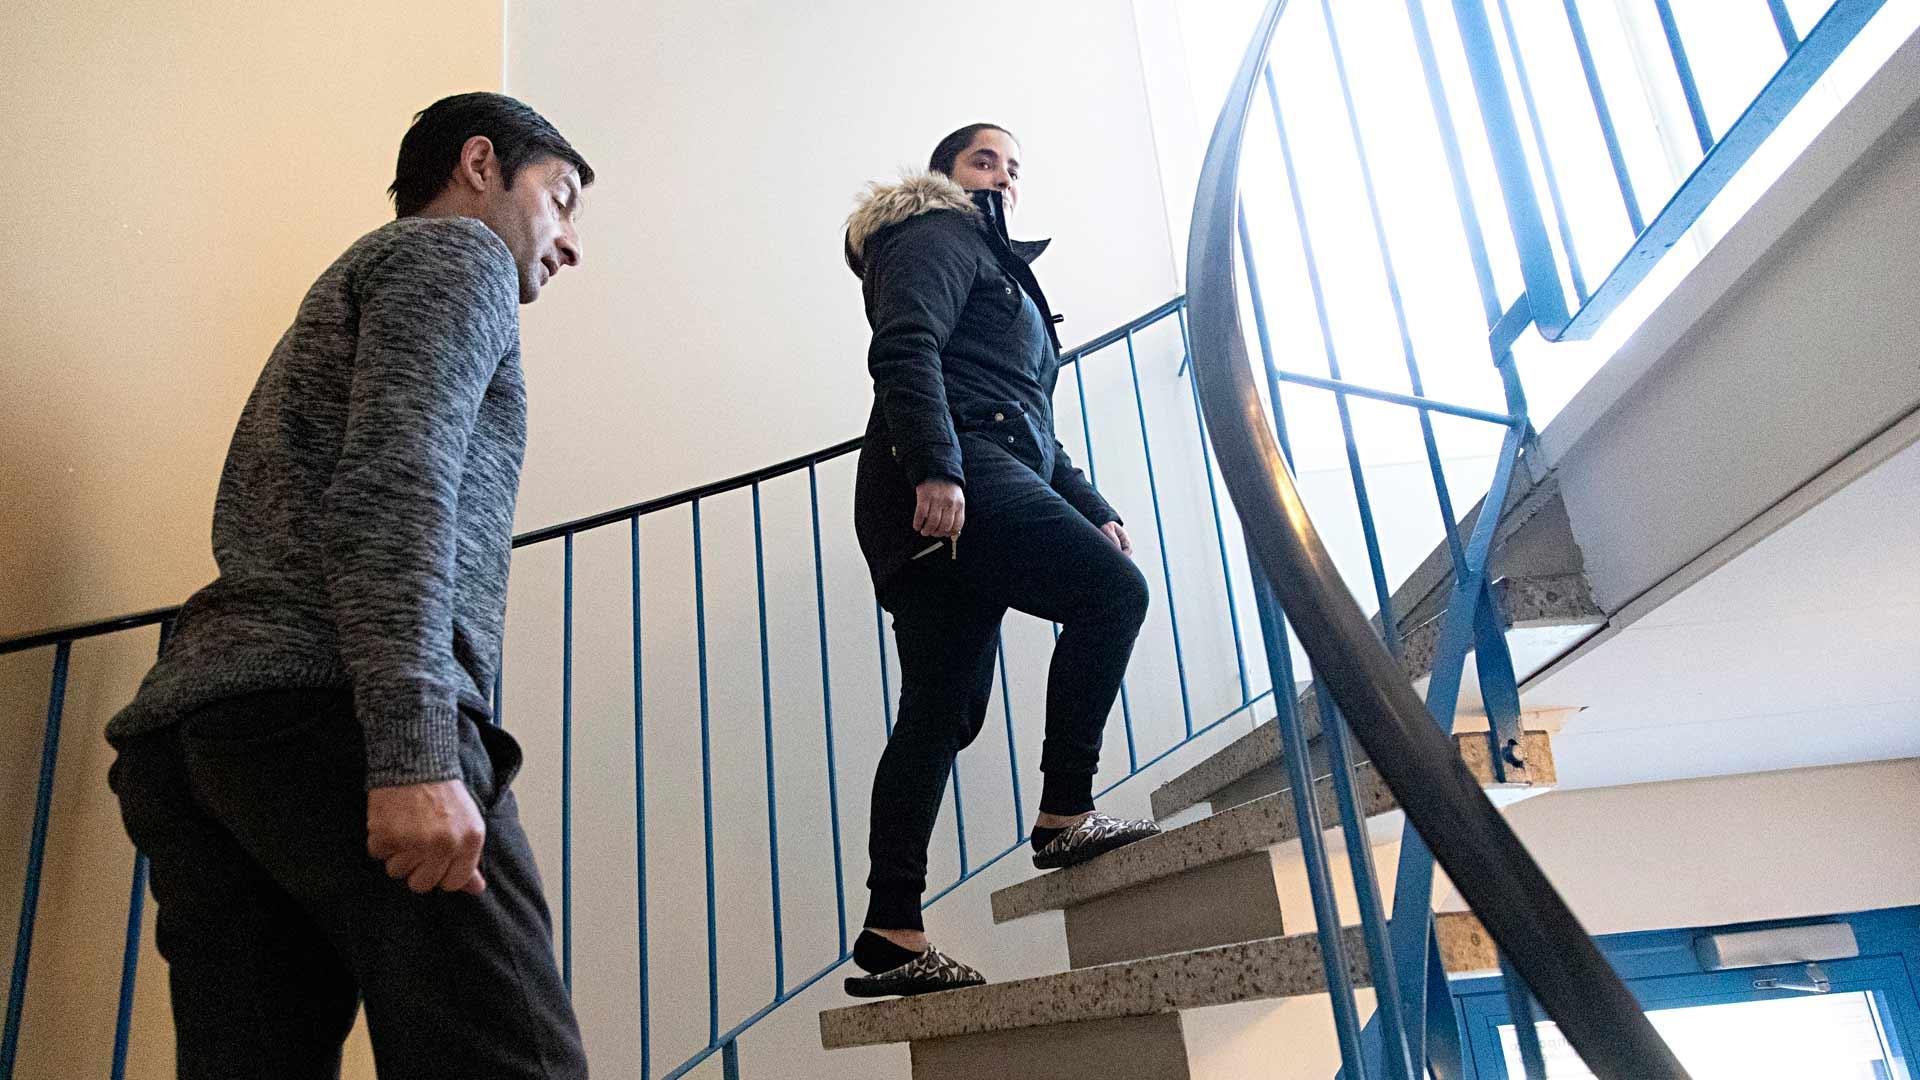 Lidia Borcoi, 31, ja Costel Plescan, 45, tapasivat Suomessa, Helsingin rautatieasemalla. Molemmat ovat olleet aviossa aiemminkin.